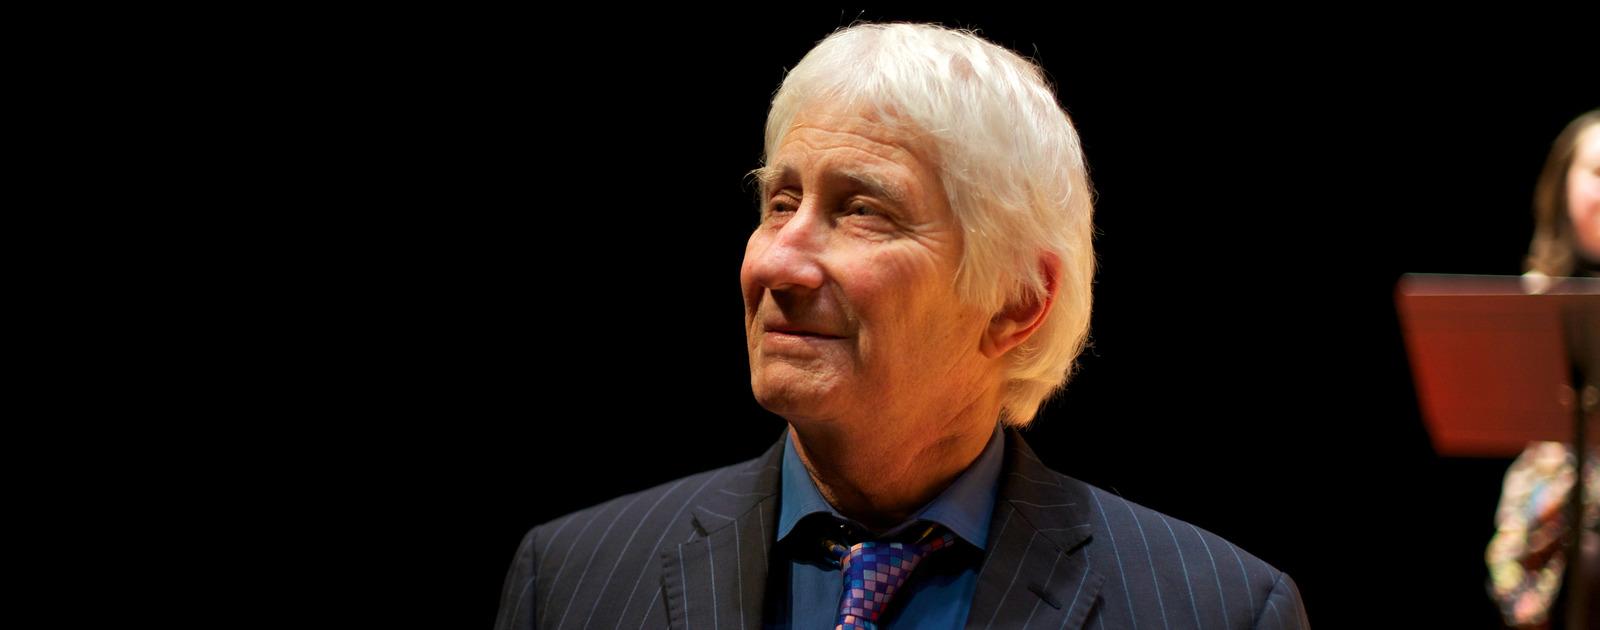 Composer, David Bedford